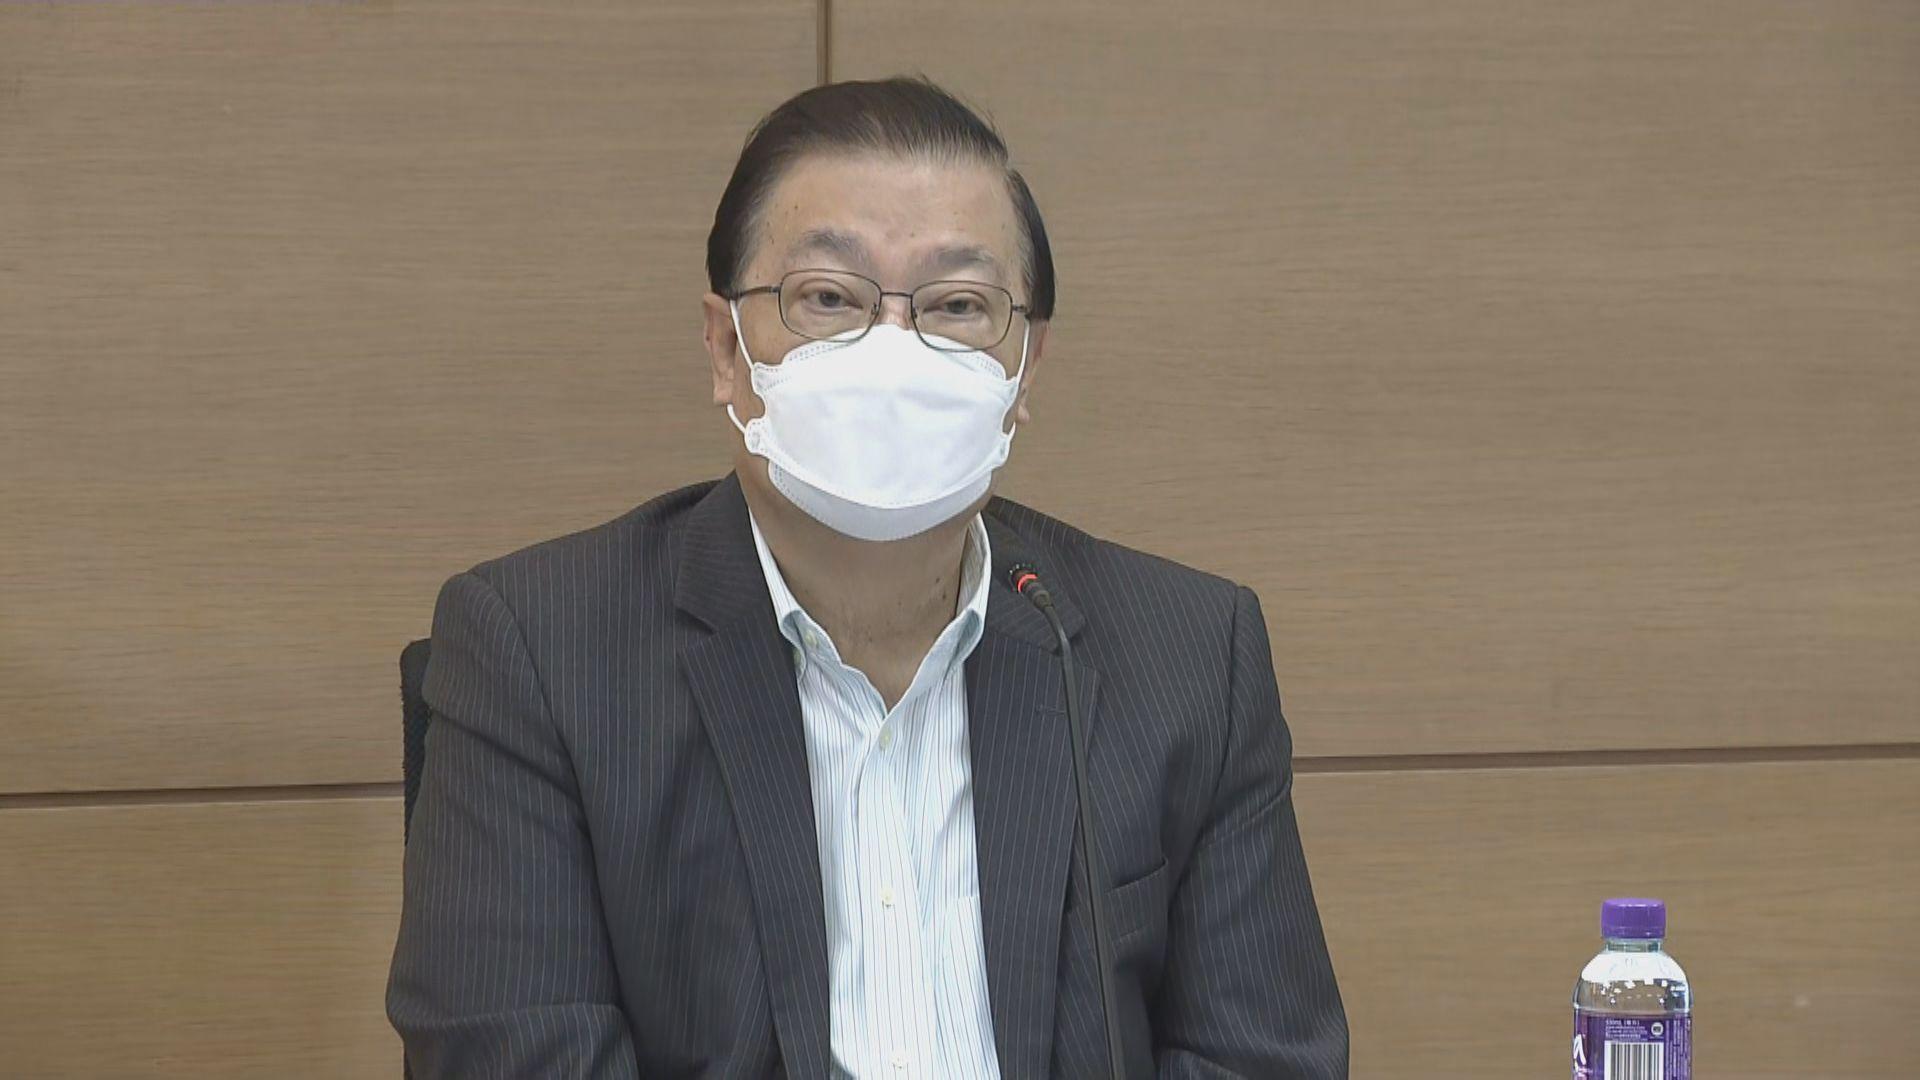 譚耀宗:審查委員會委員應由人大常委會任命是合理意見